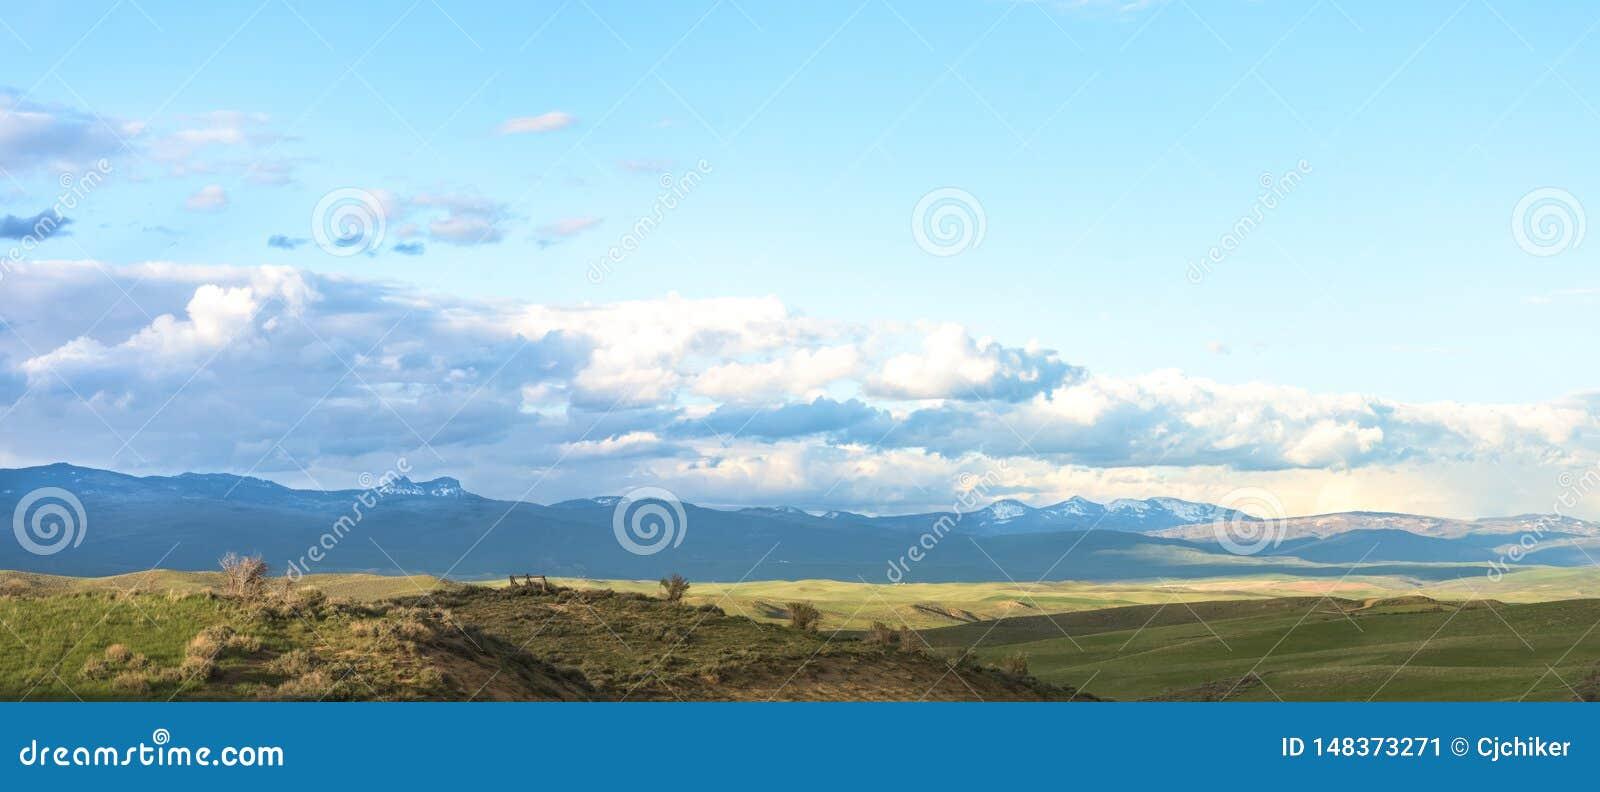 Svart berglandskap